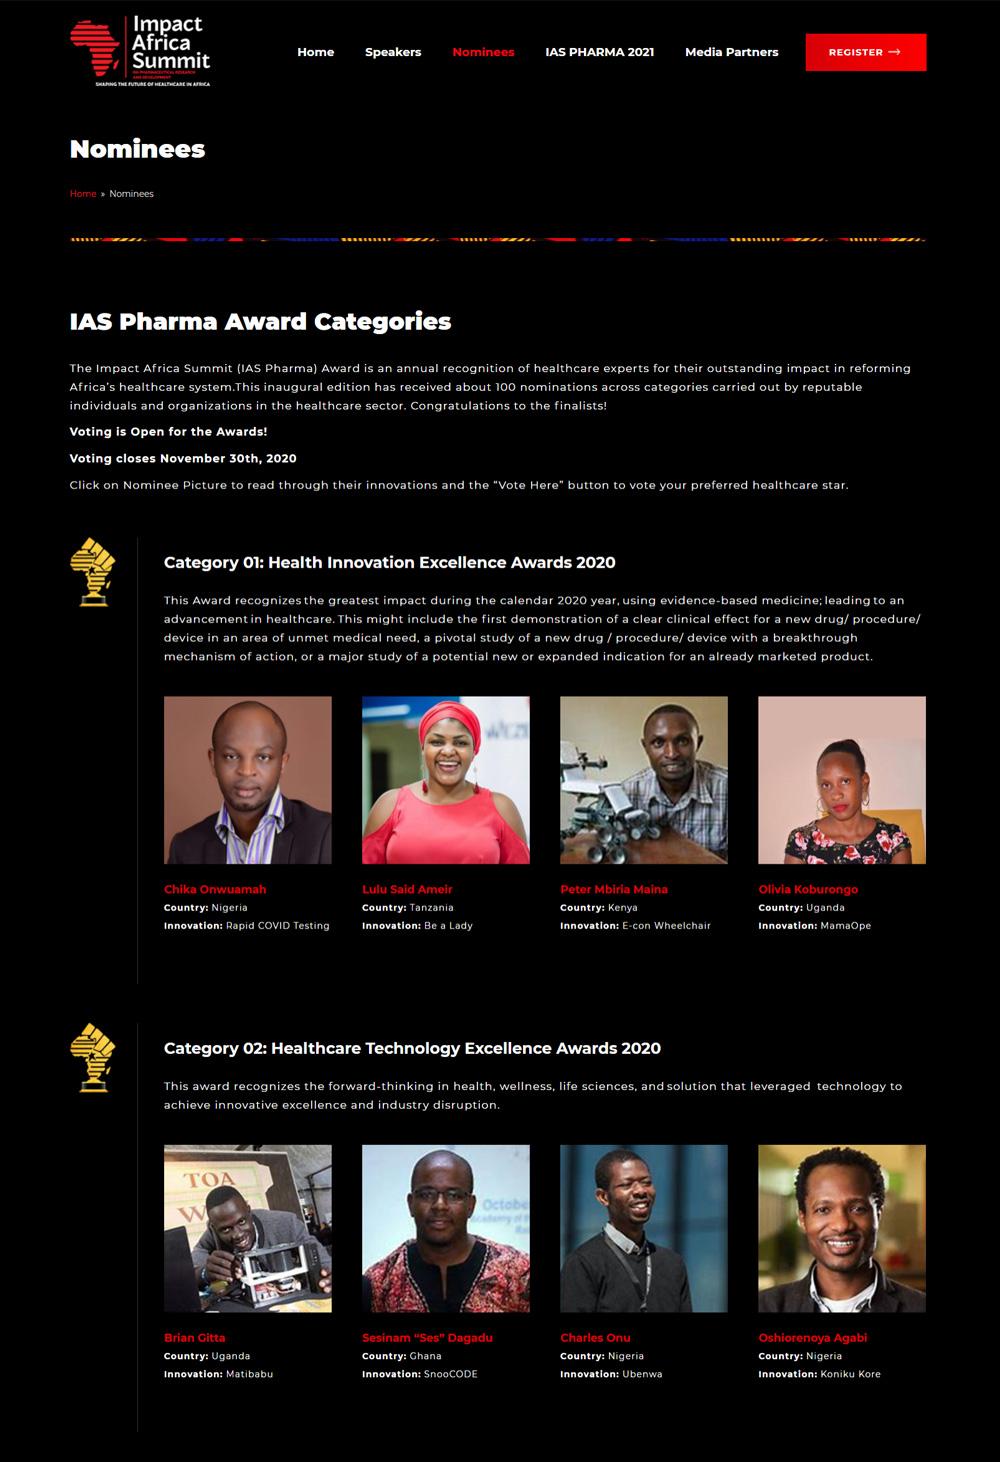 impact africa summit website design